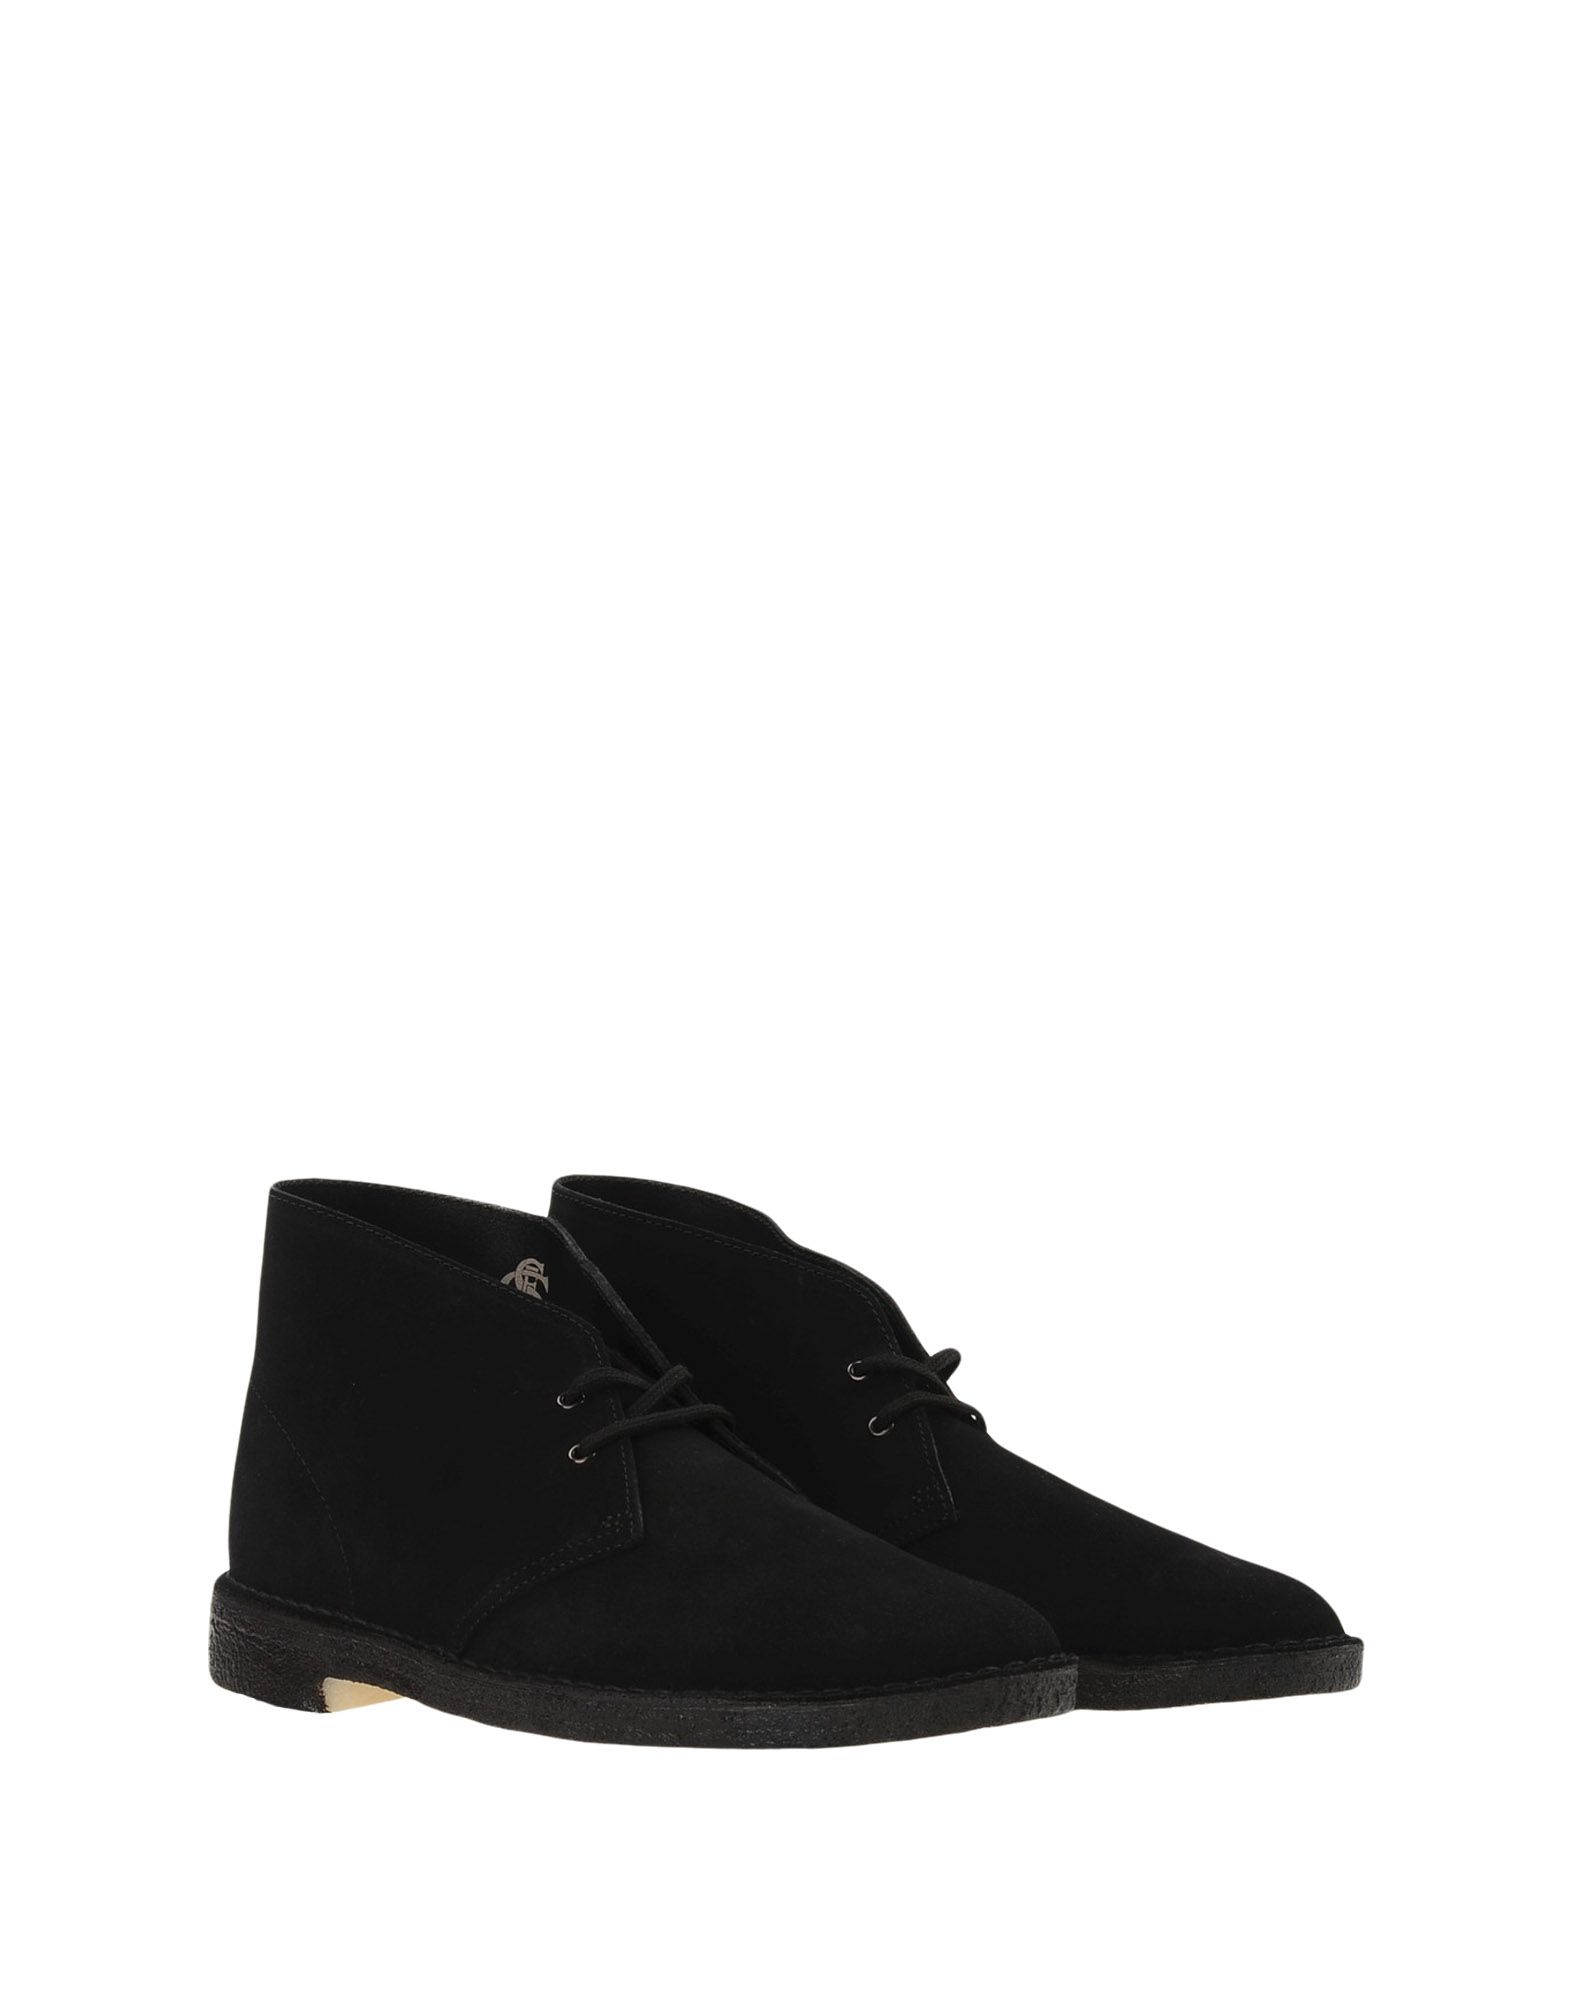 Clarks Stiefelette Herren  11441100JT Gute Qualität beliebte Schuhe